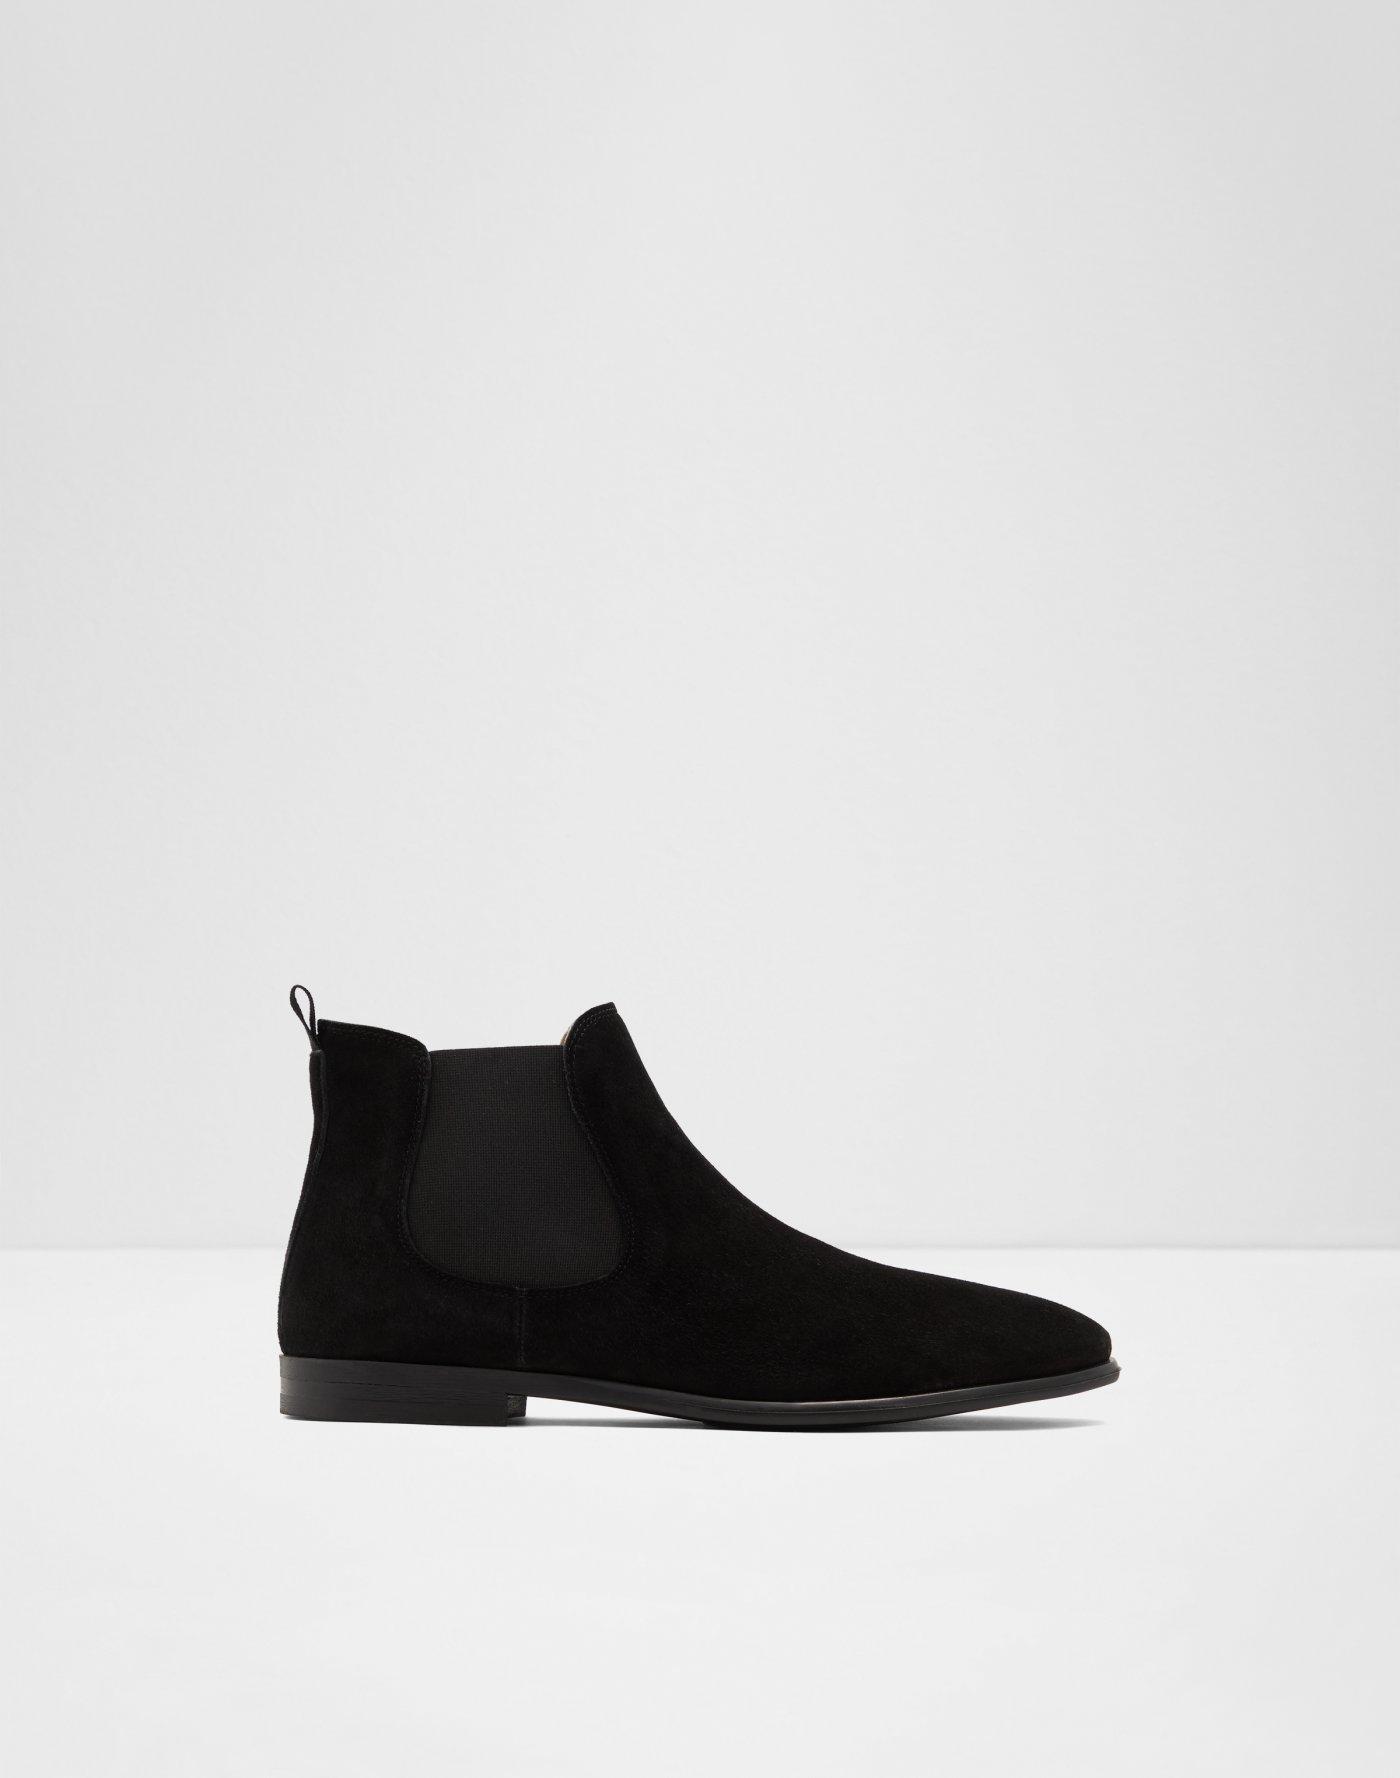 Men's Boots | Formal & Casual | ALDO Canada | ALDO Canada